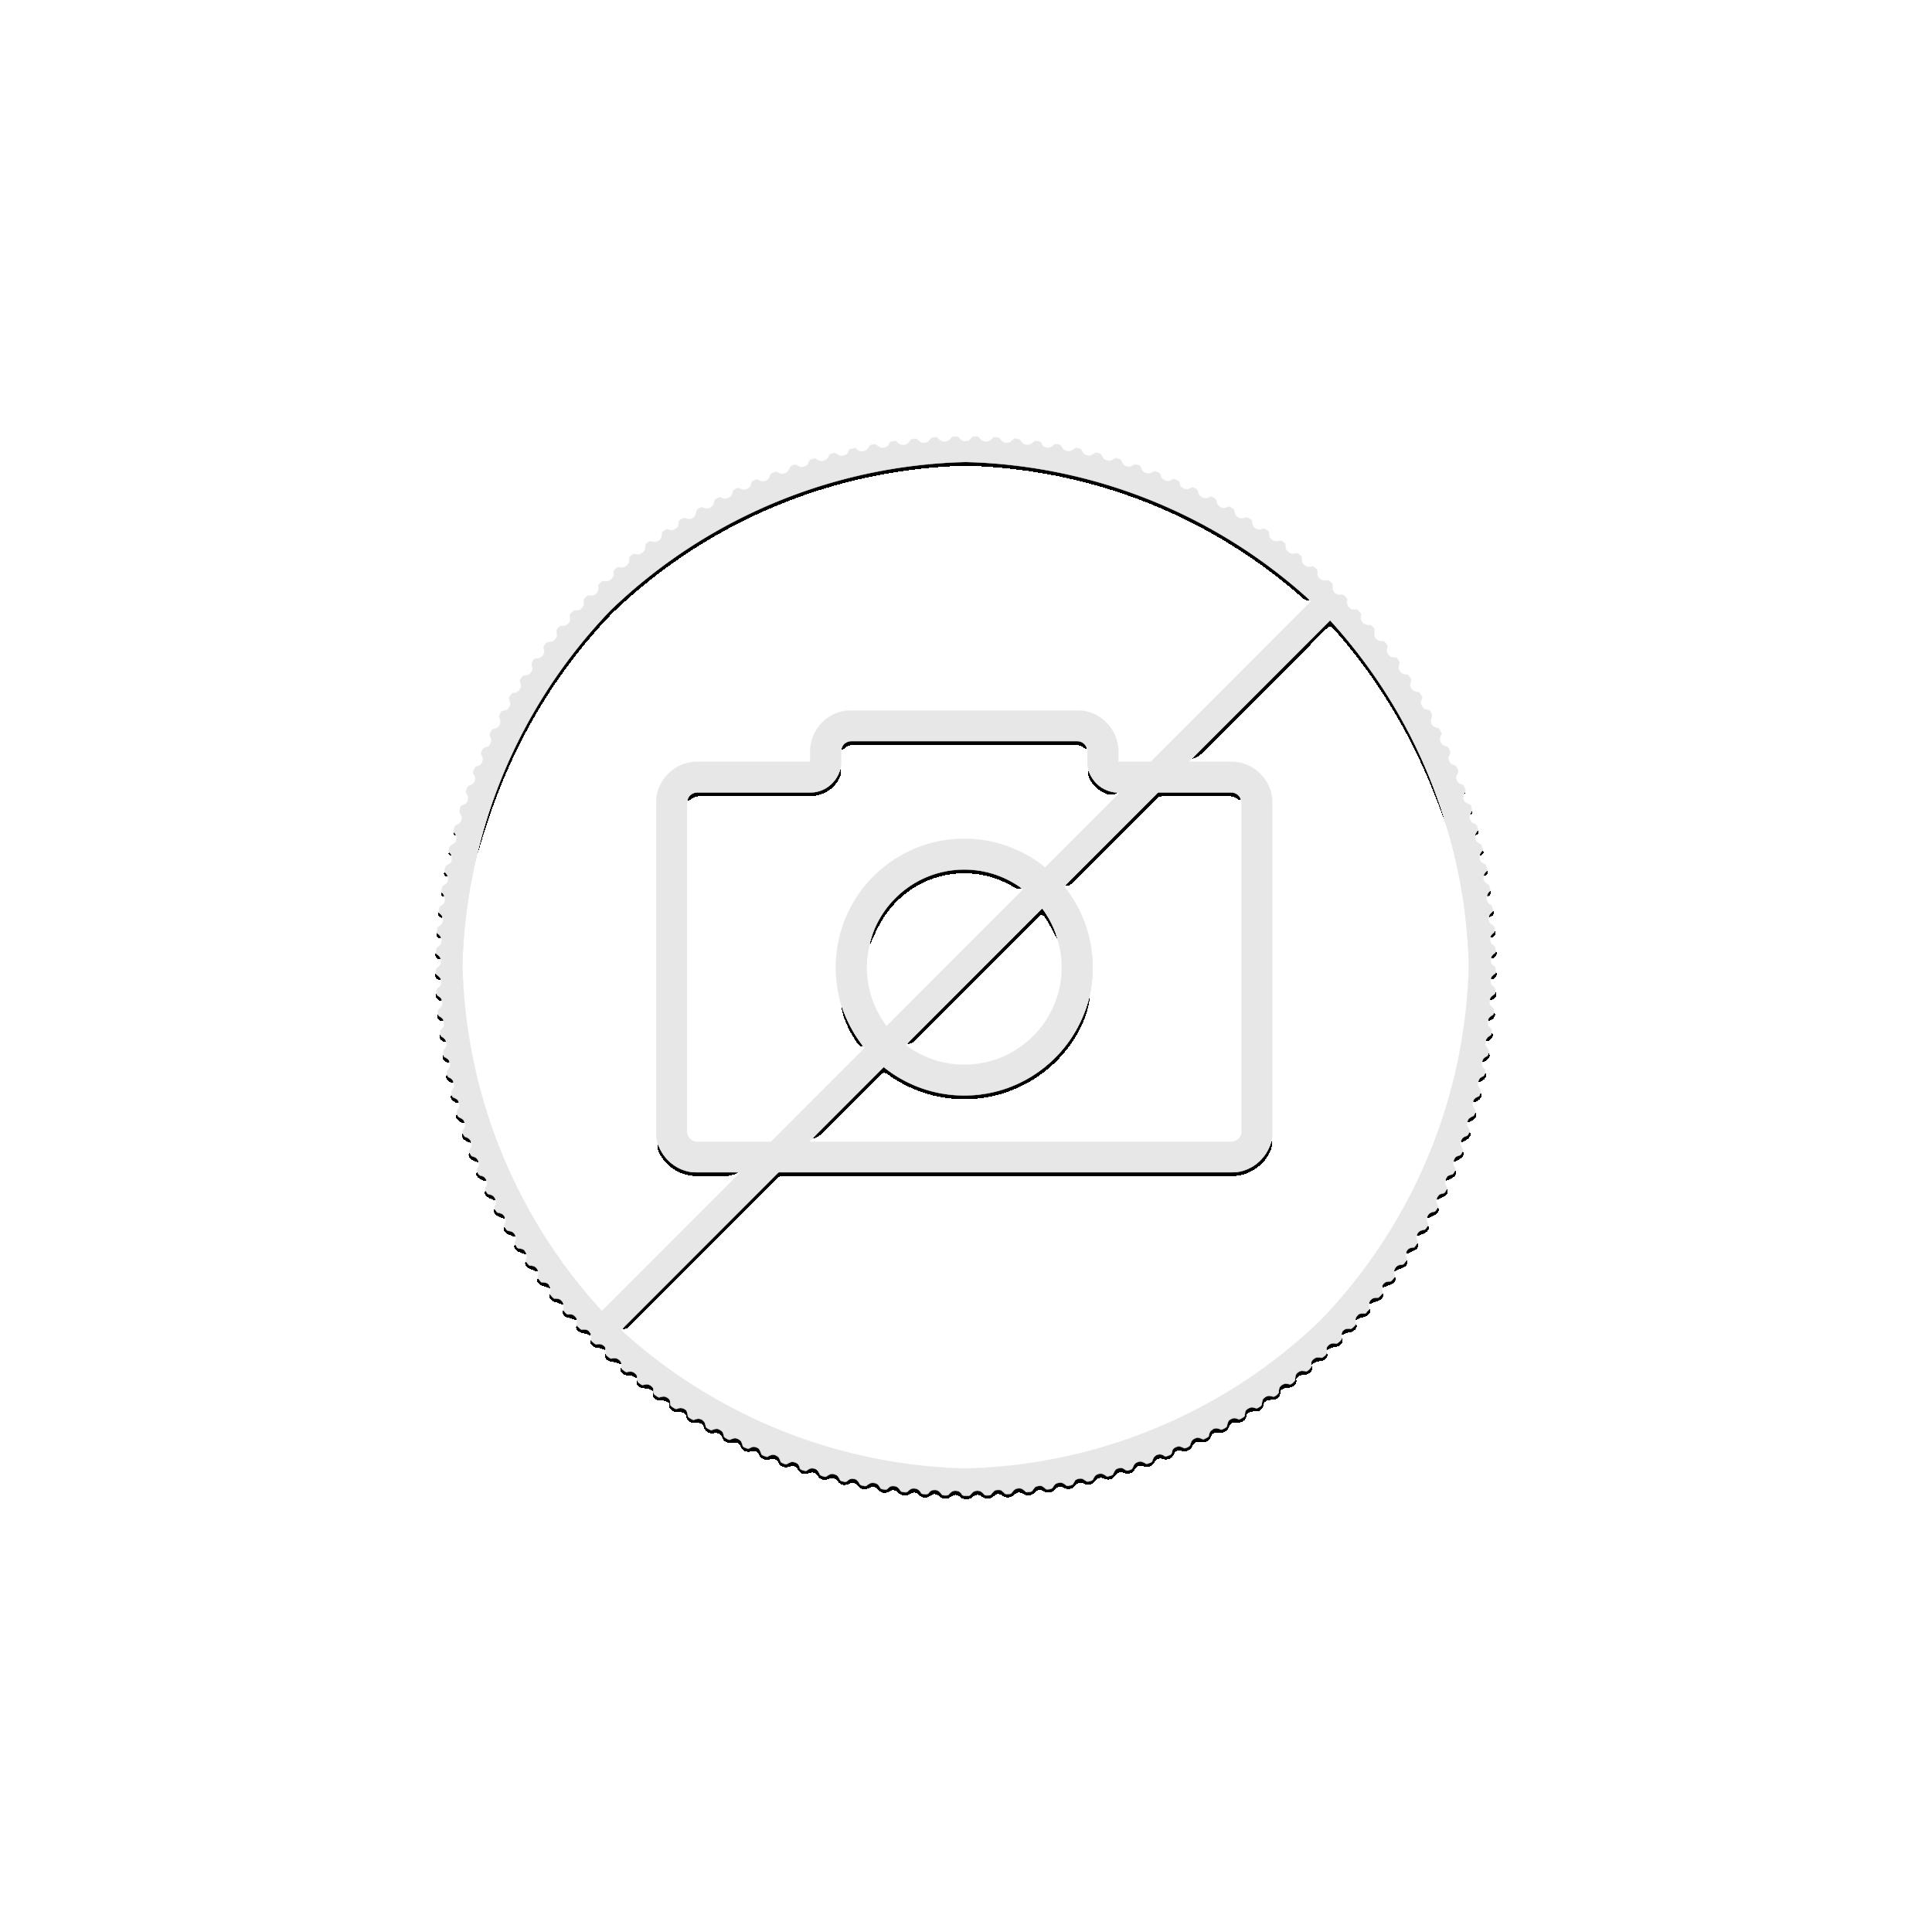 2 troy ounce zilveren Lunar munt 2018 - het jaar van de hond